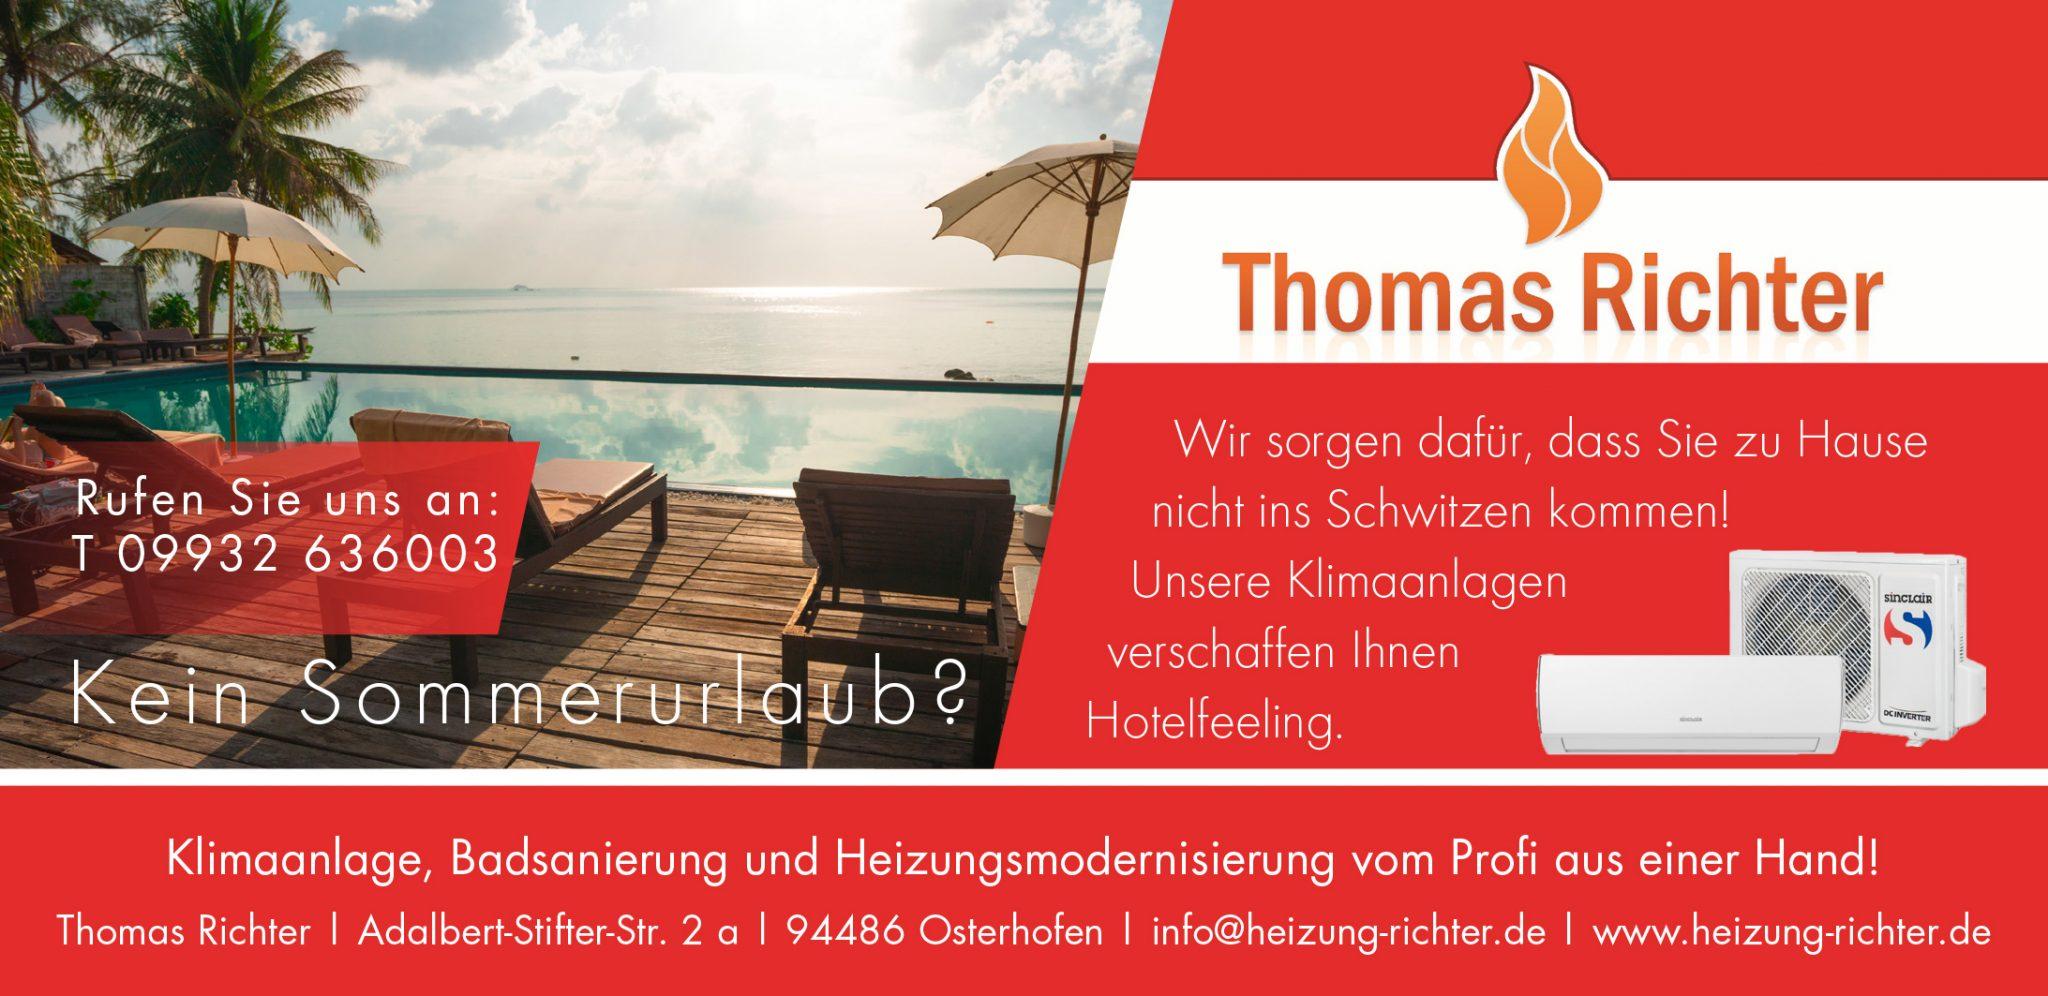 Klimaanlagen verschaffen Hotelfeeling daheim - Einbau vom Profi Deggendorf